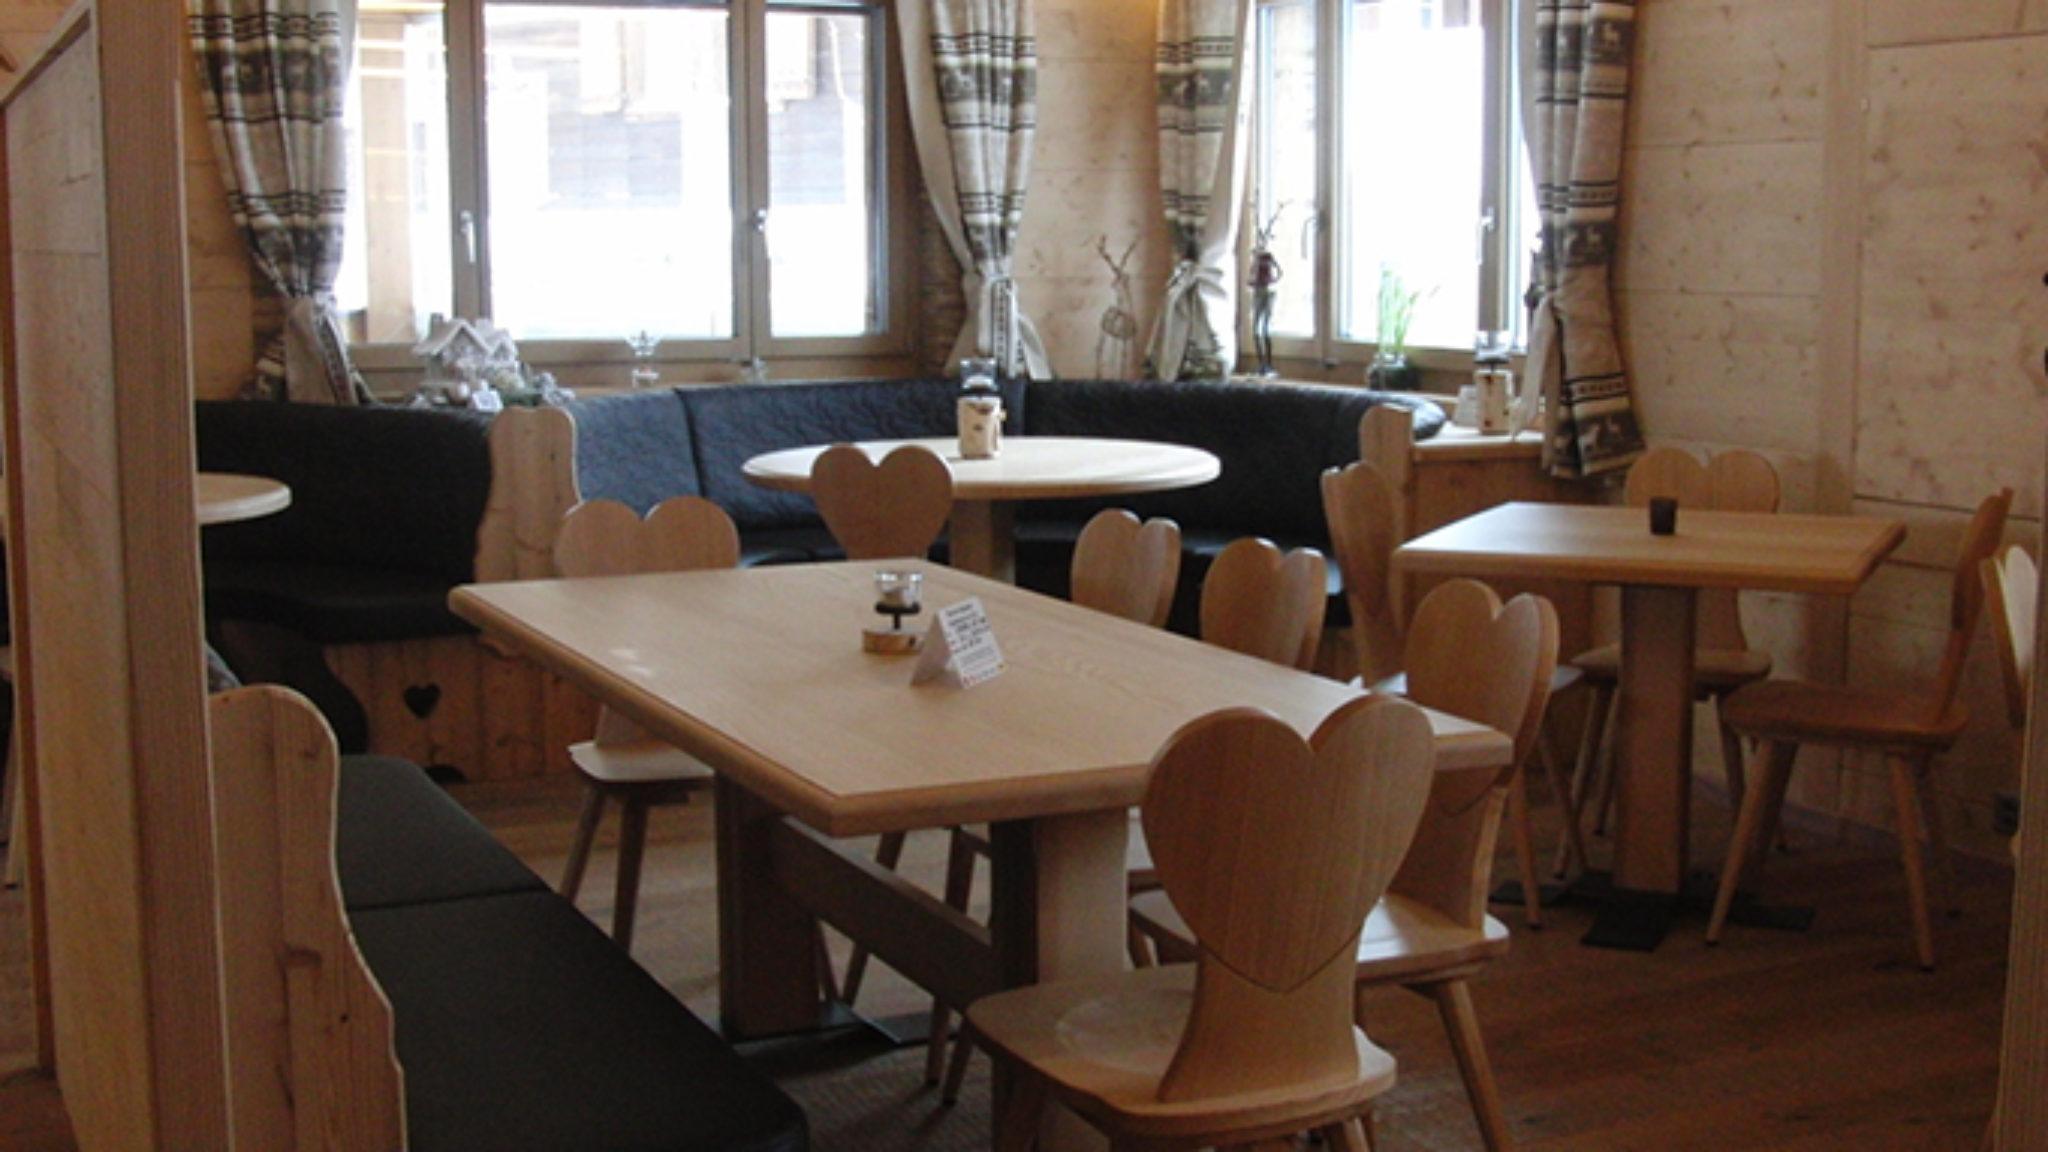 Caschu alp boutique design hotel stoos for Design boutique hotels chalkidiki